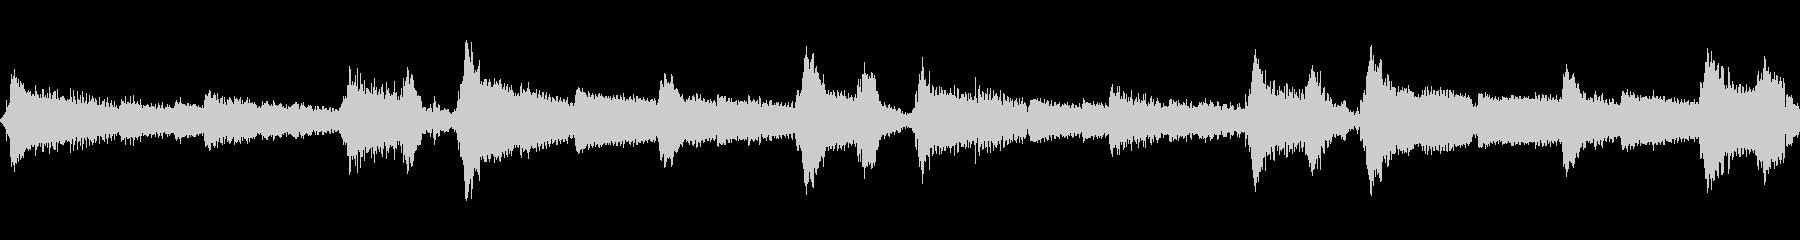 ミステリアスなギターアルペジオの未再生の波形